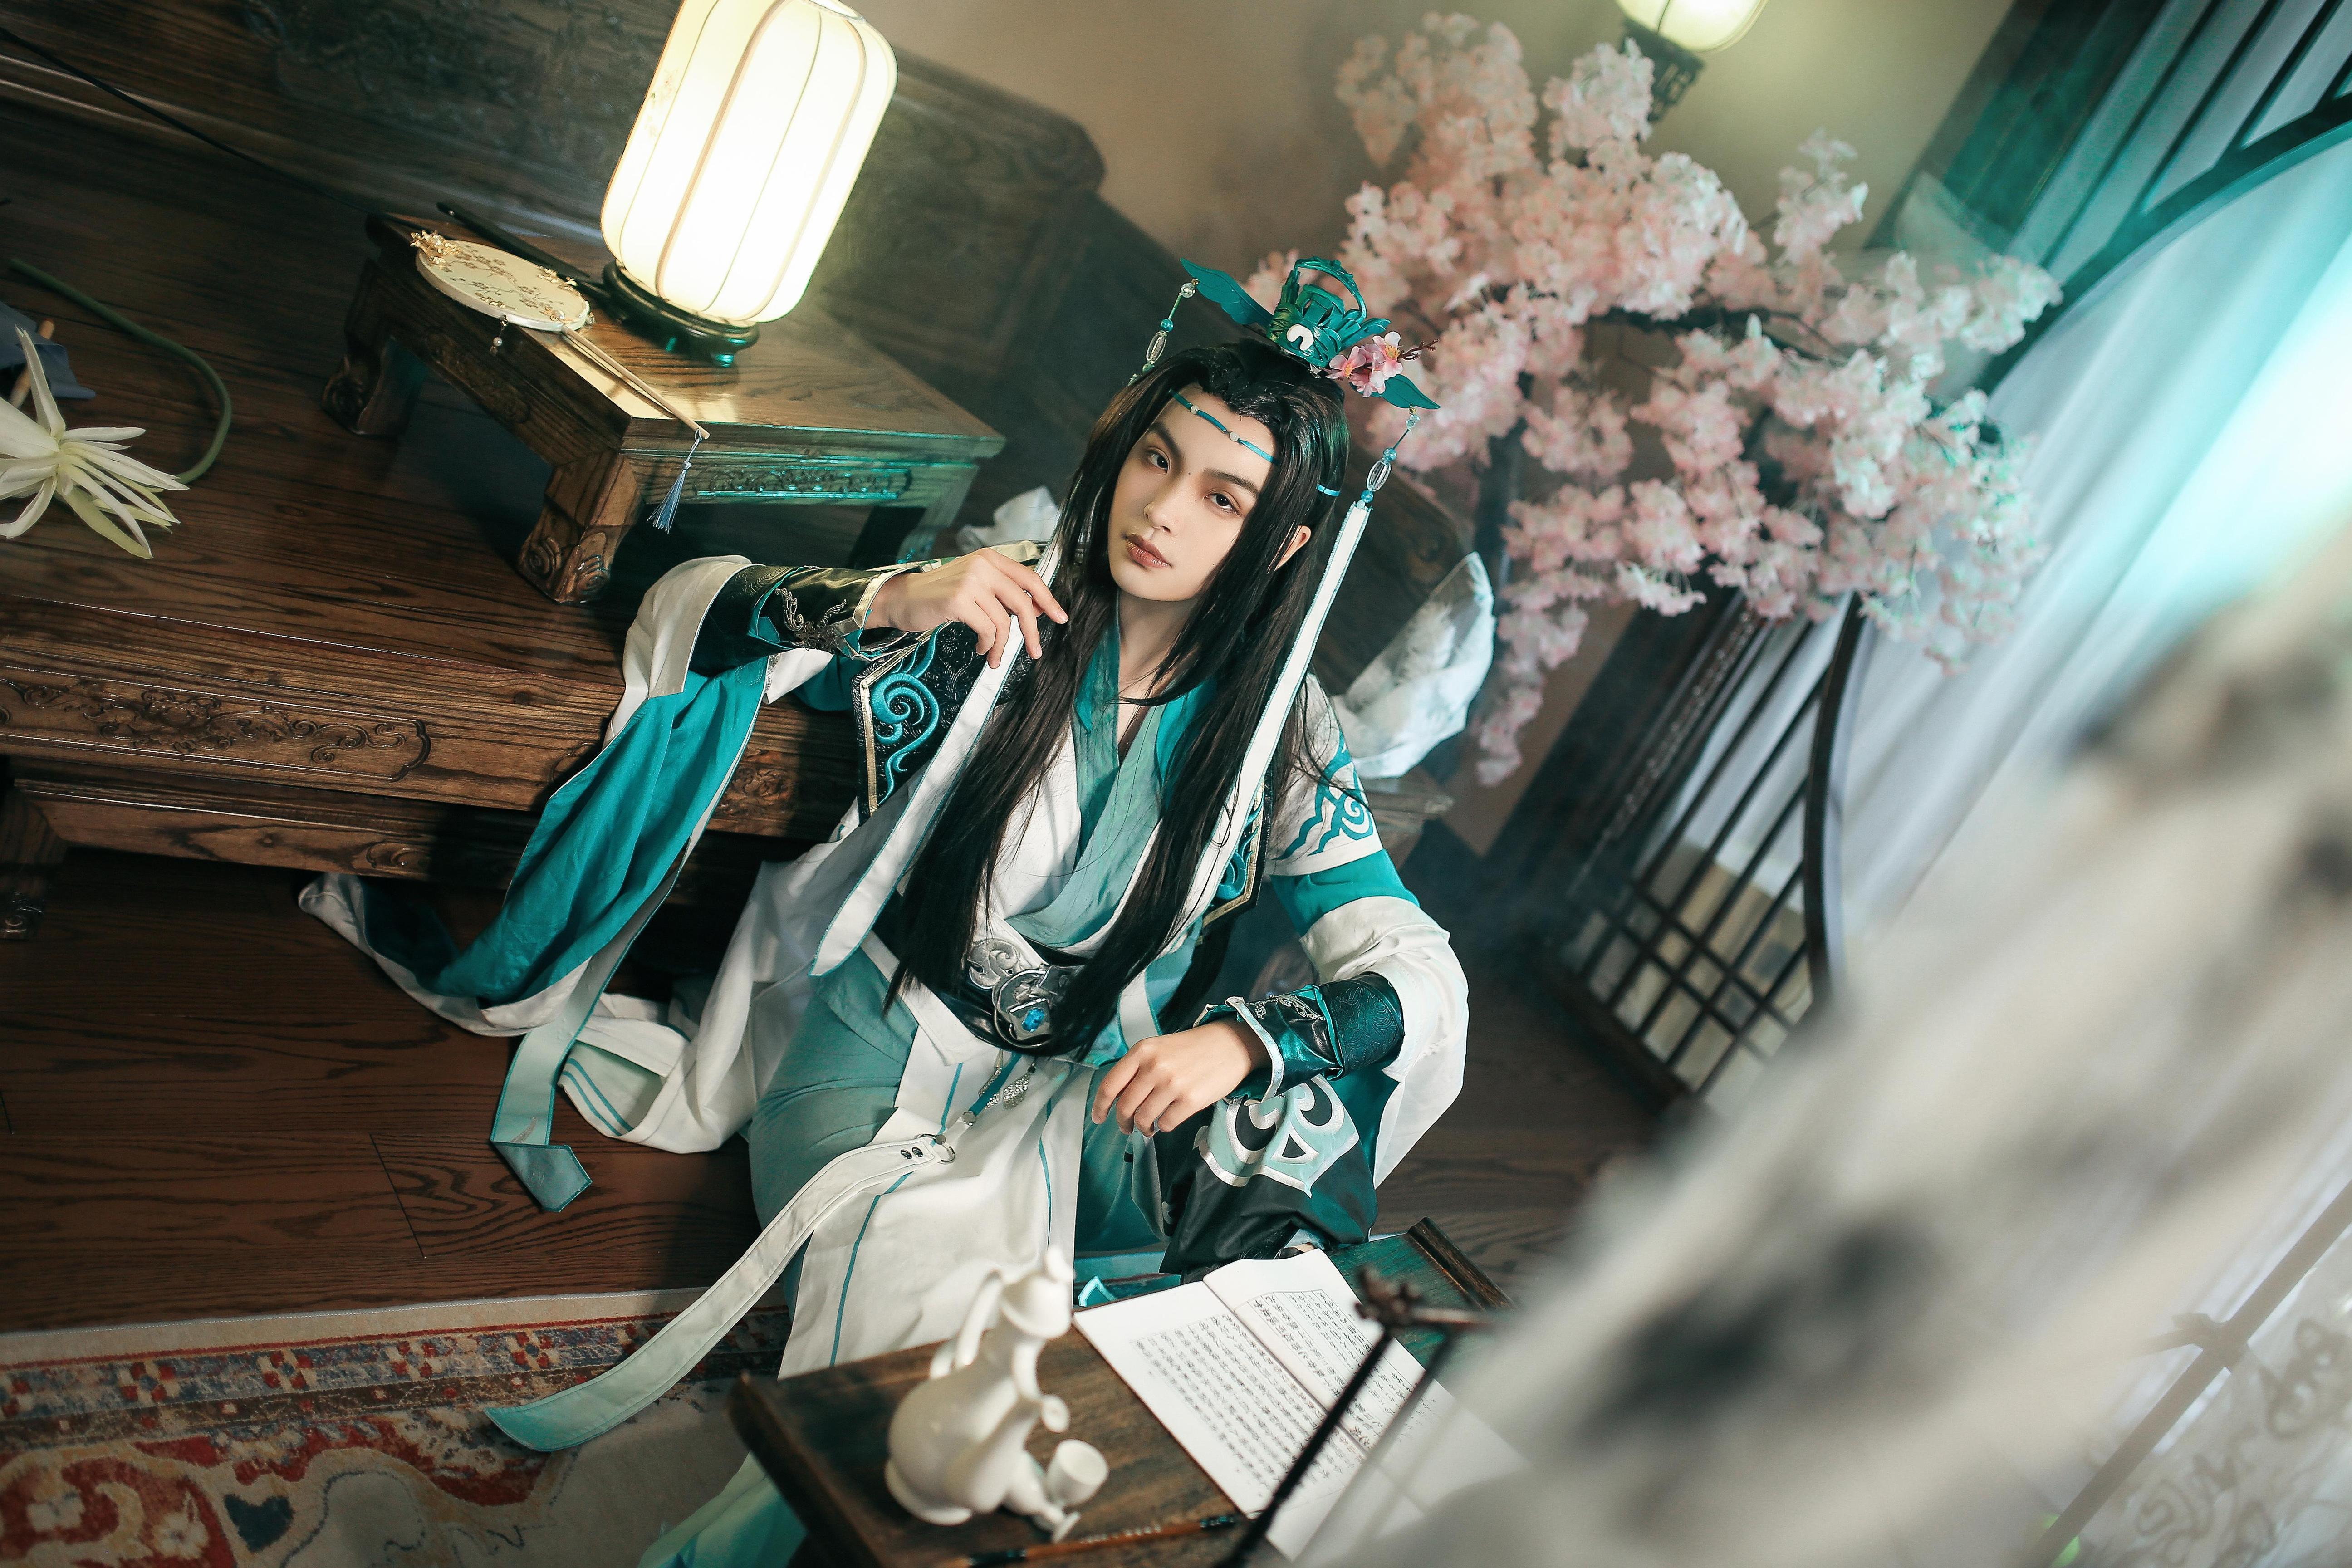 剑网三cosplay【CN:东城为神】-第3张